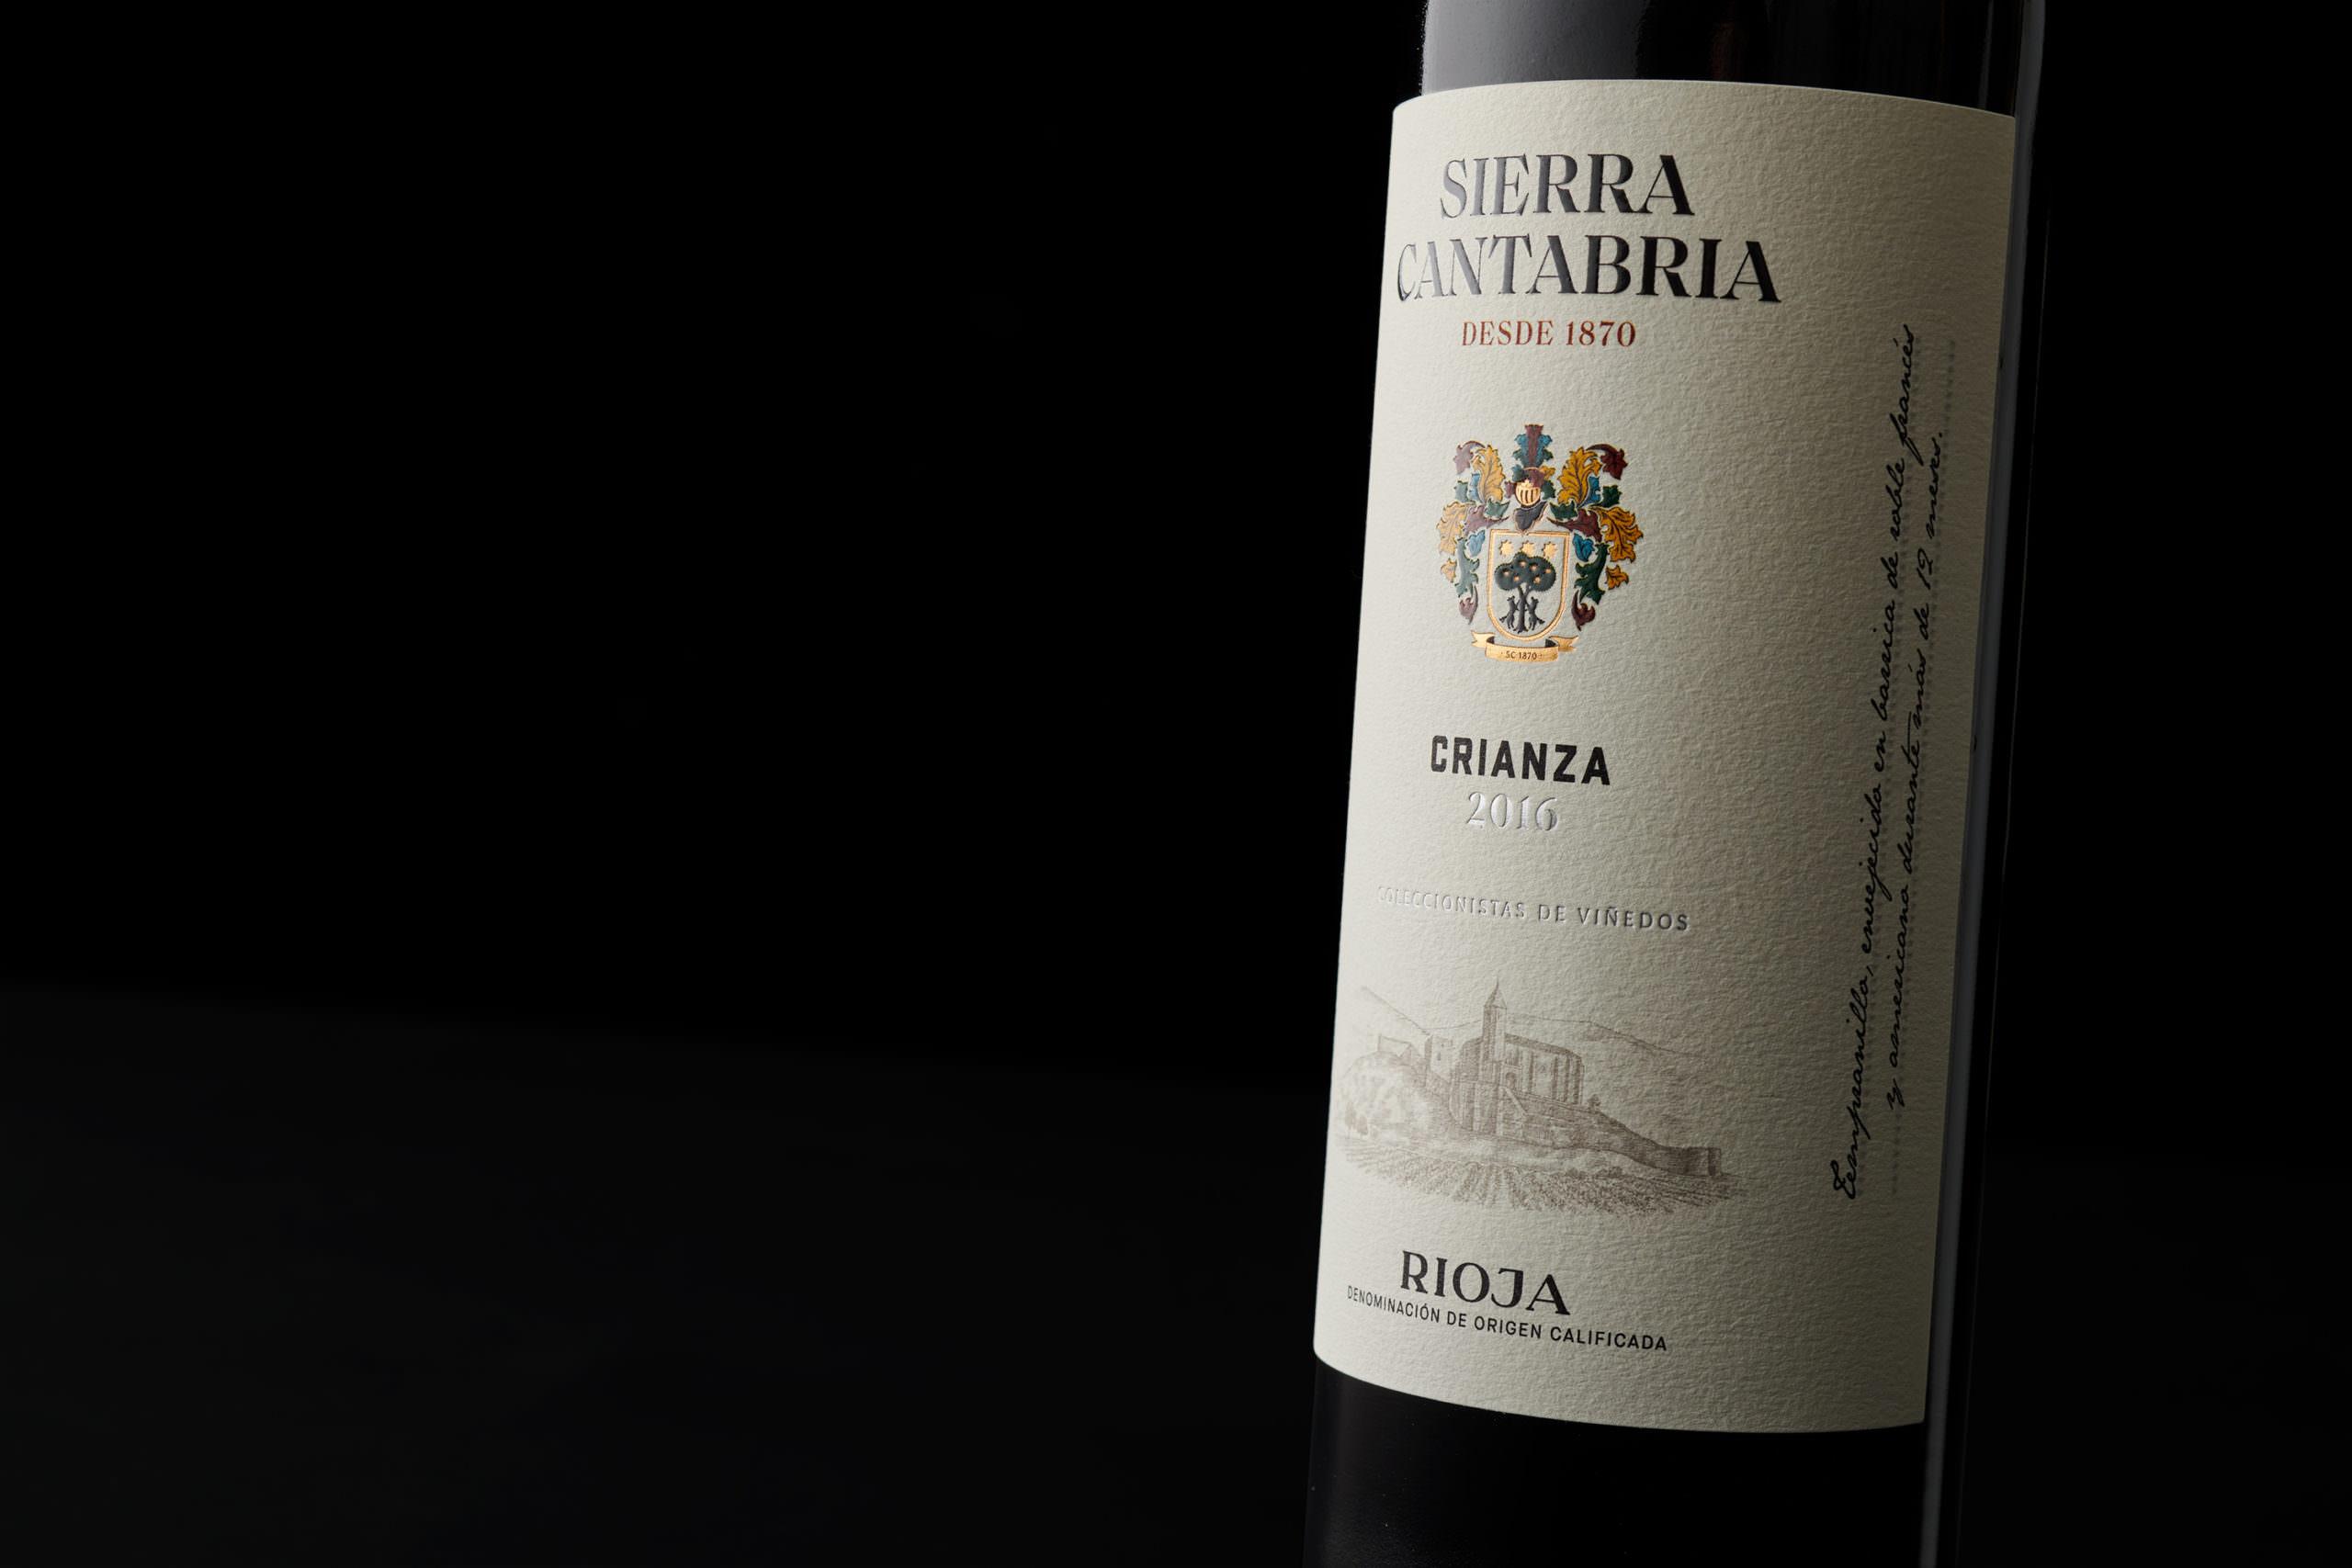 Sierra Cantabria13